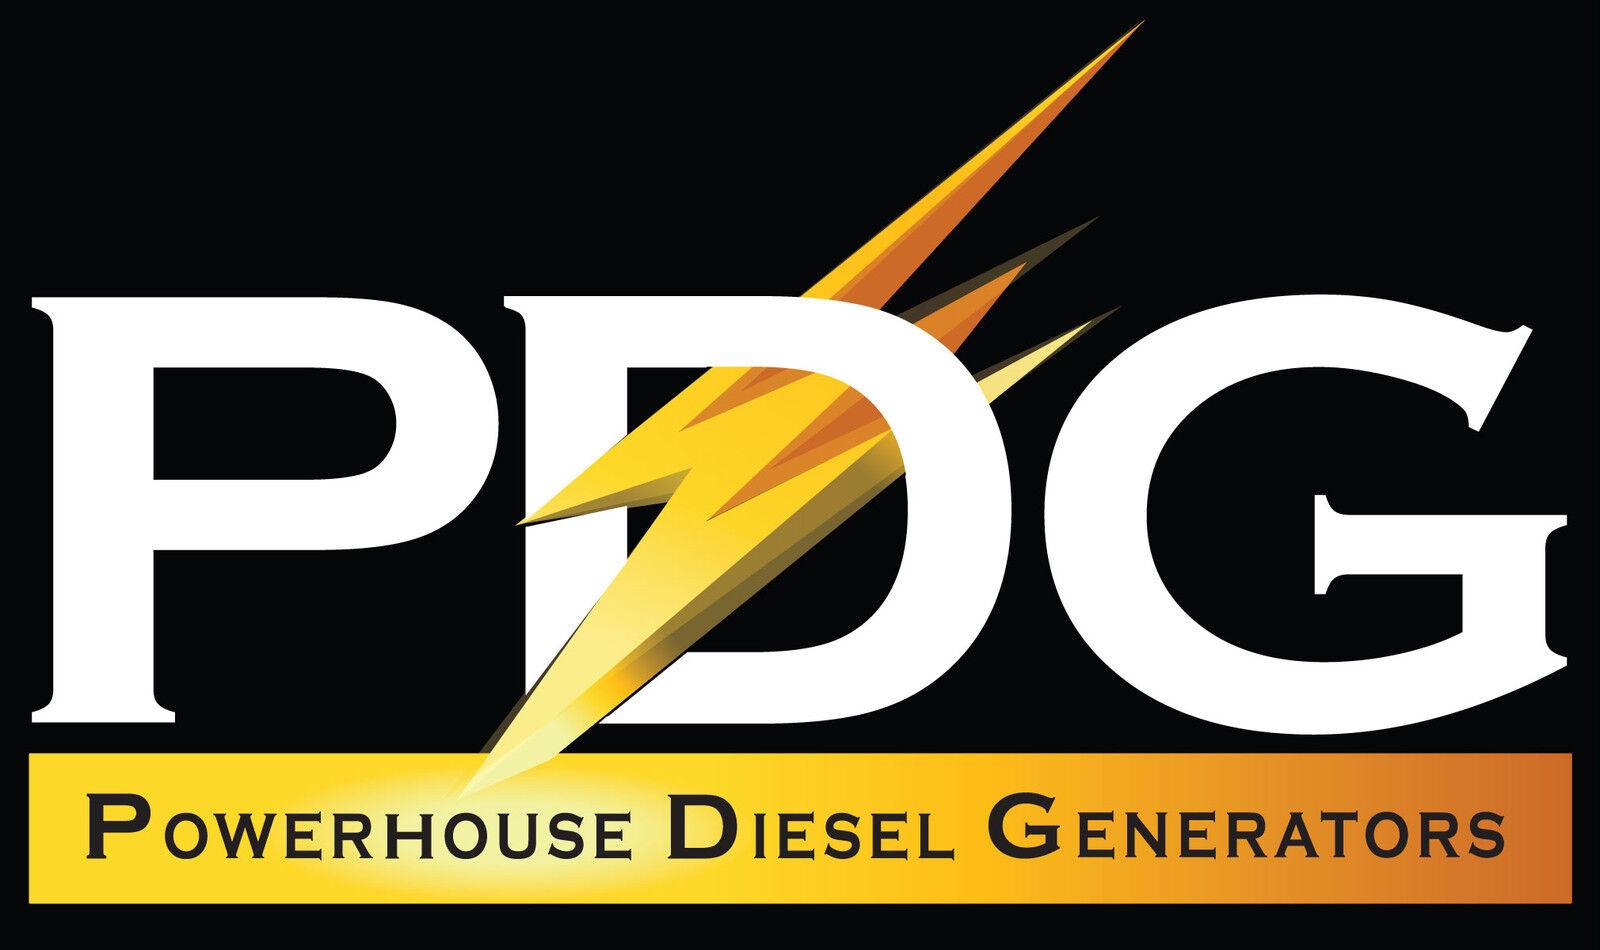 Powerhouse Diesel Generators